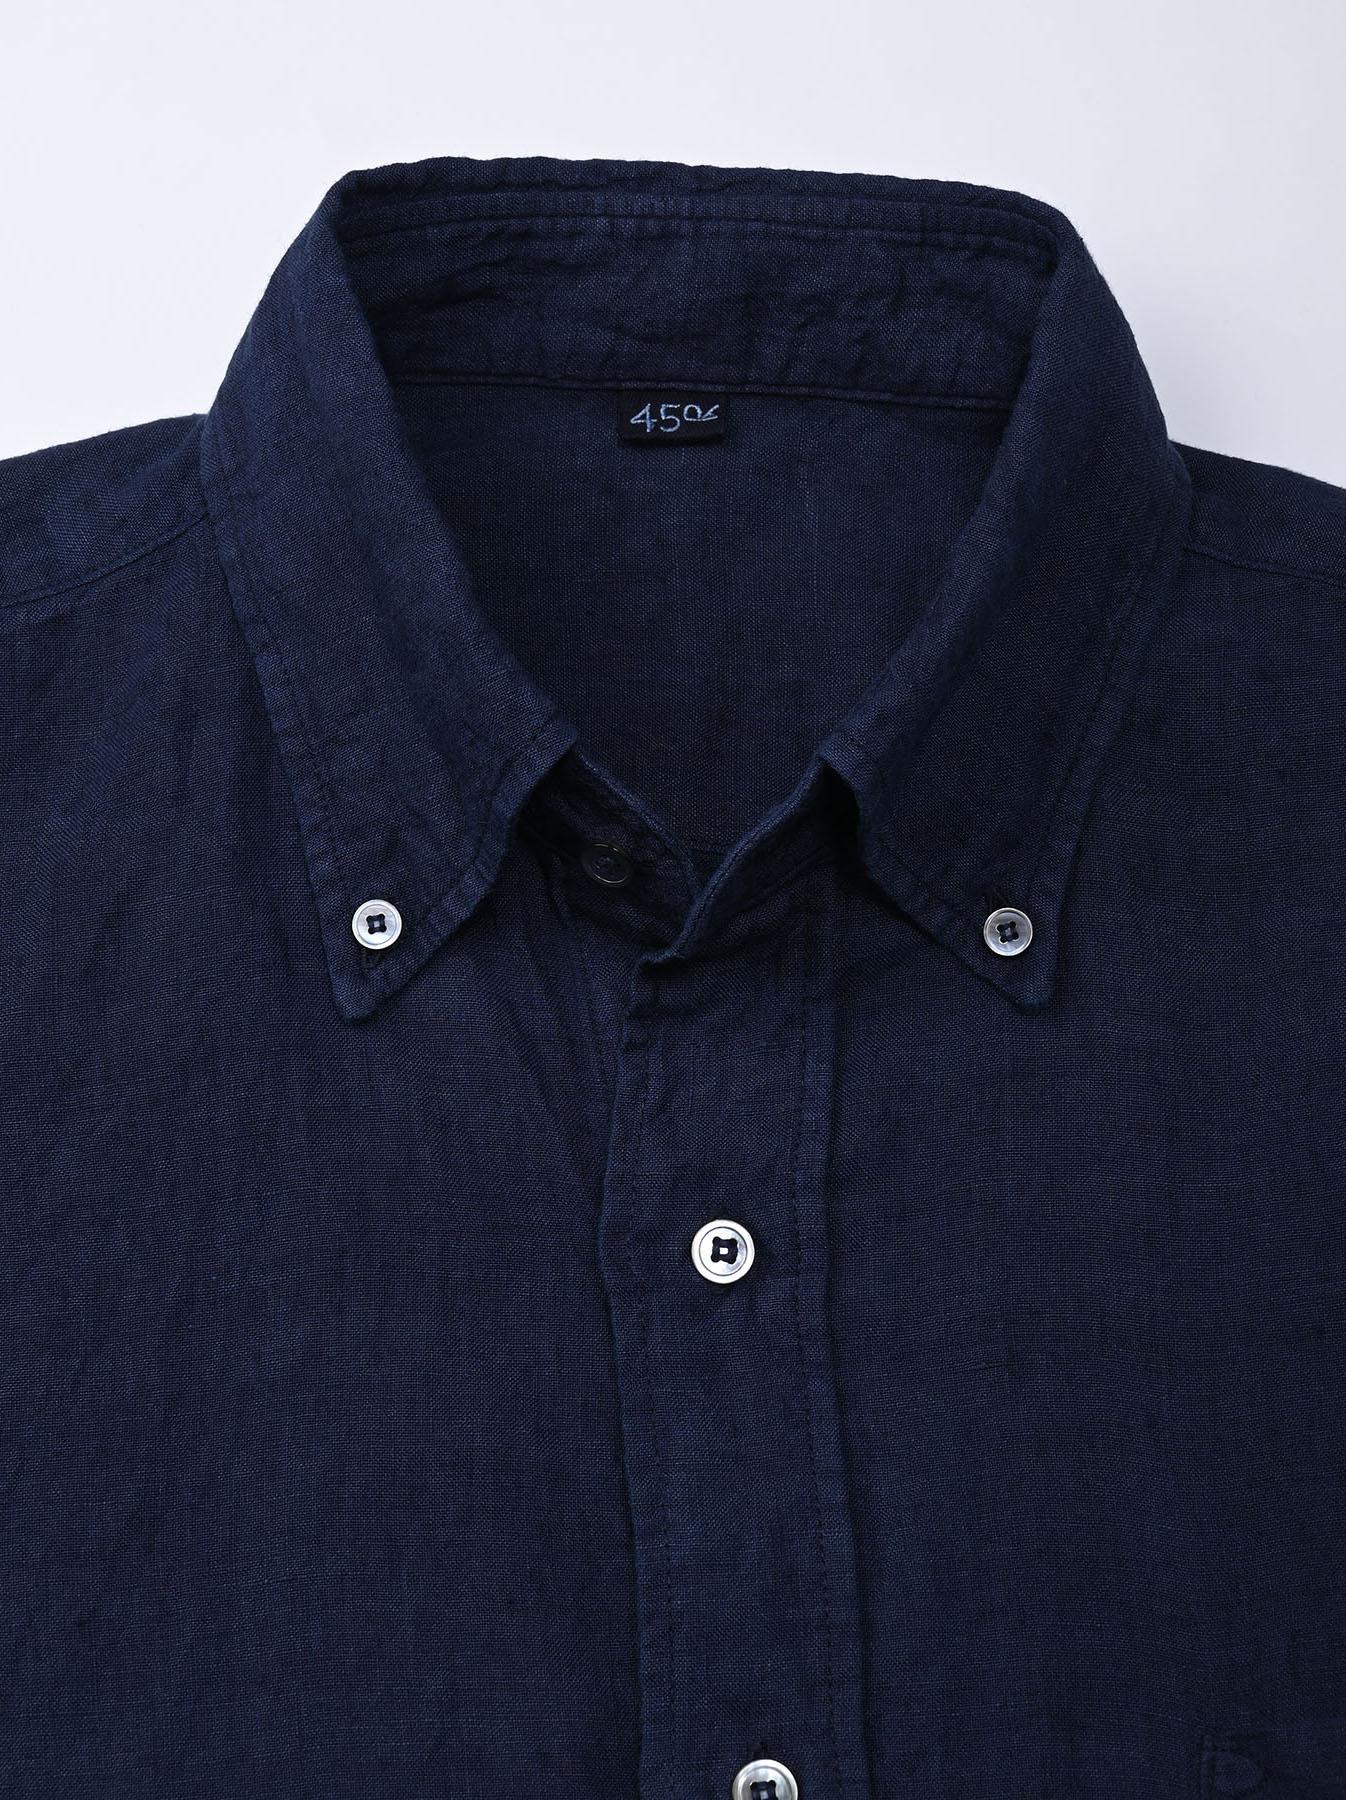 Indigo Indian Linen Flat 908 Ocean Shirt (0521)-7